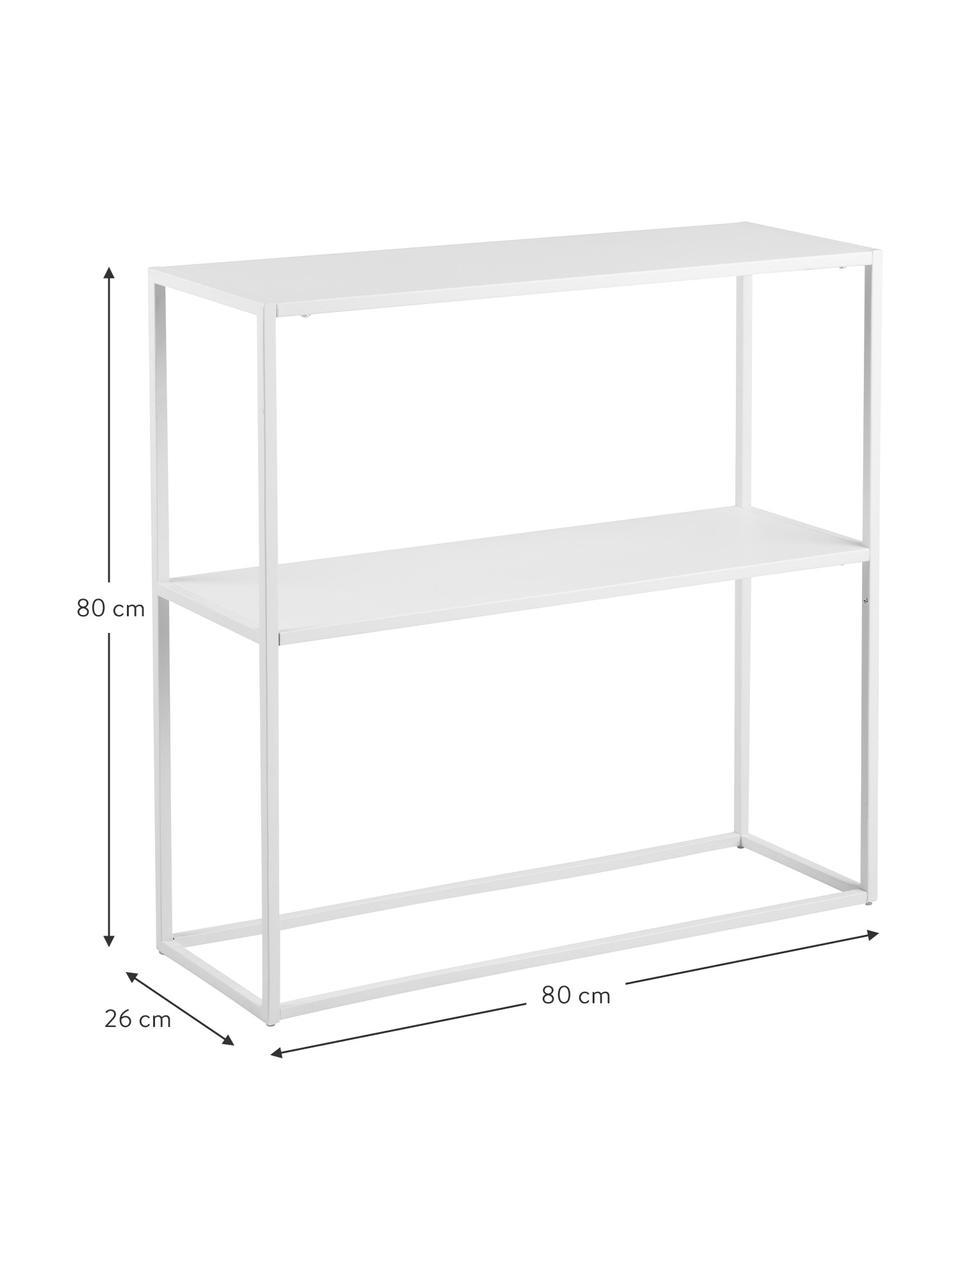 Metall-Regal Newton in Weiß, Metall, pulverbeschichtet, Weiß, 80 x 80 cm